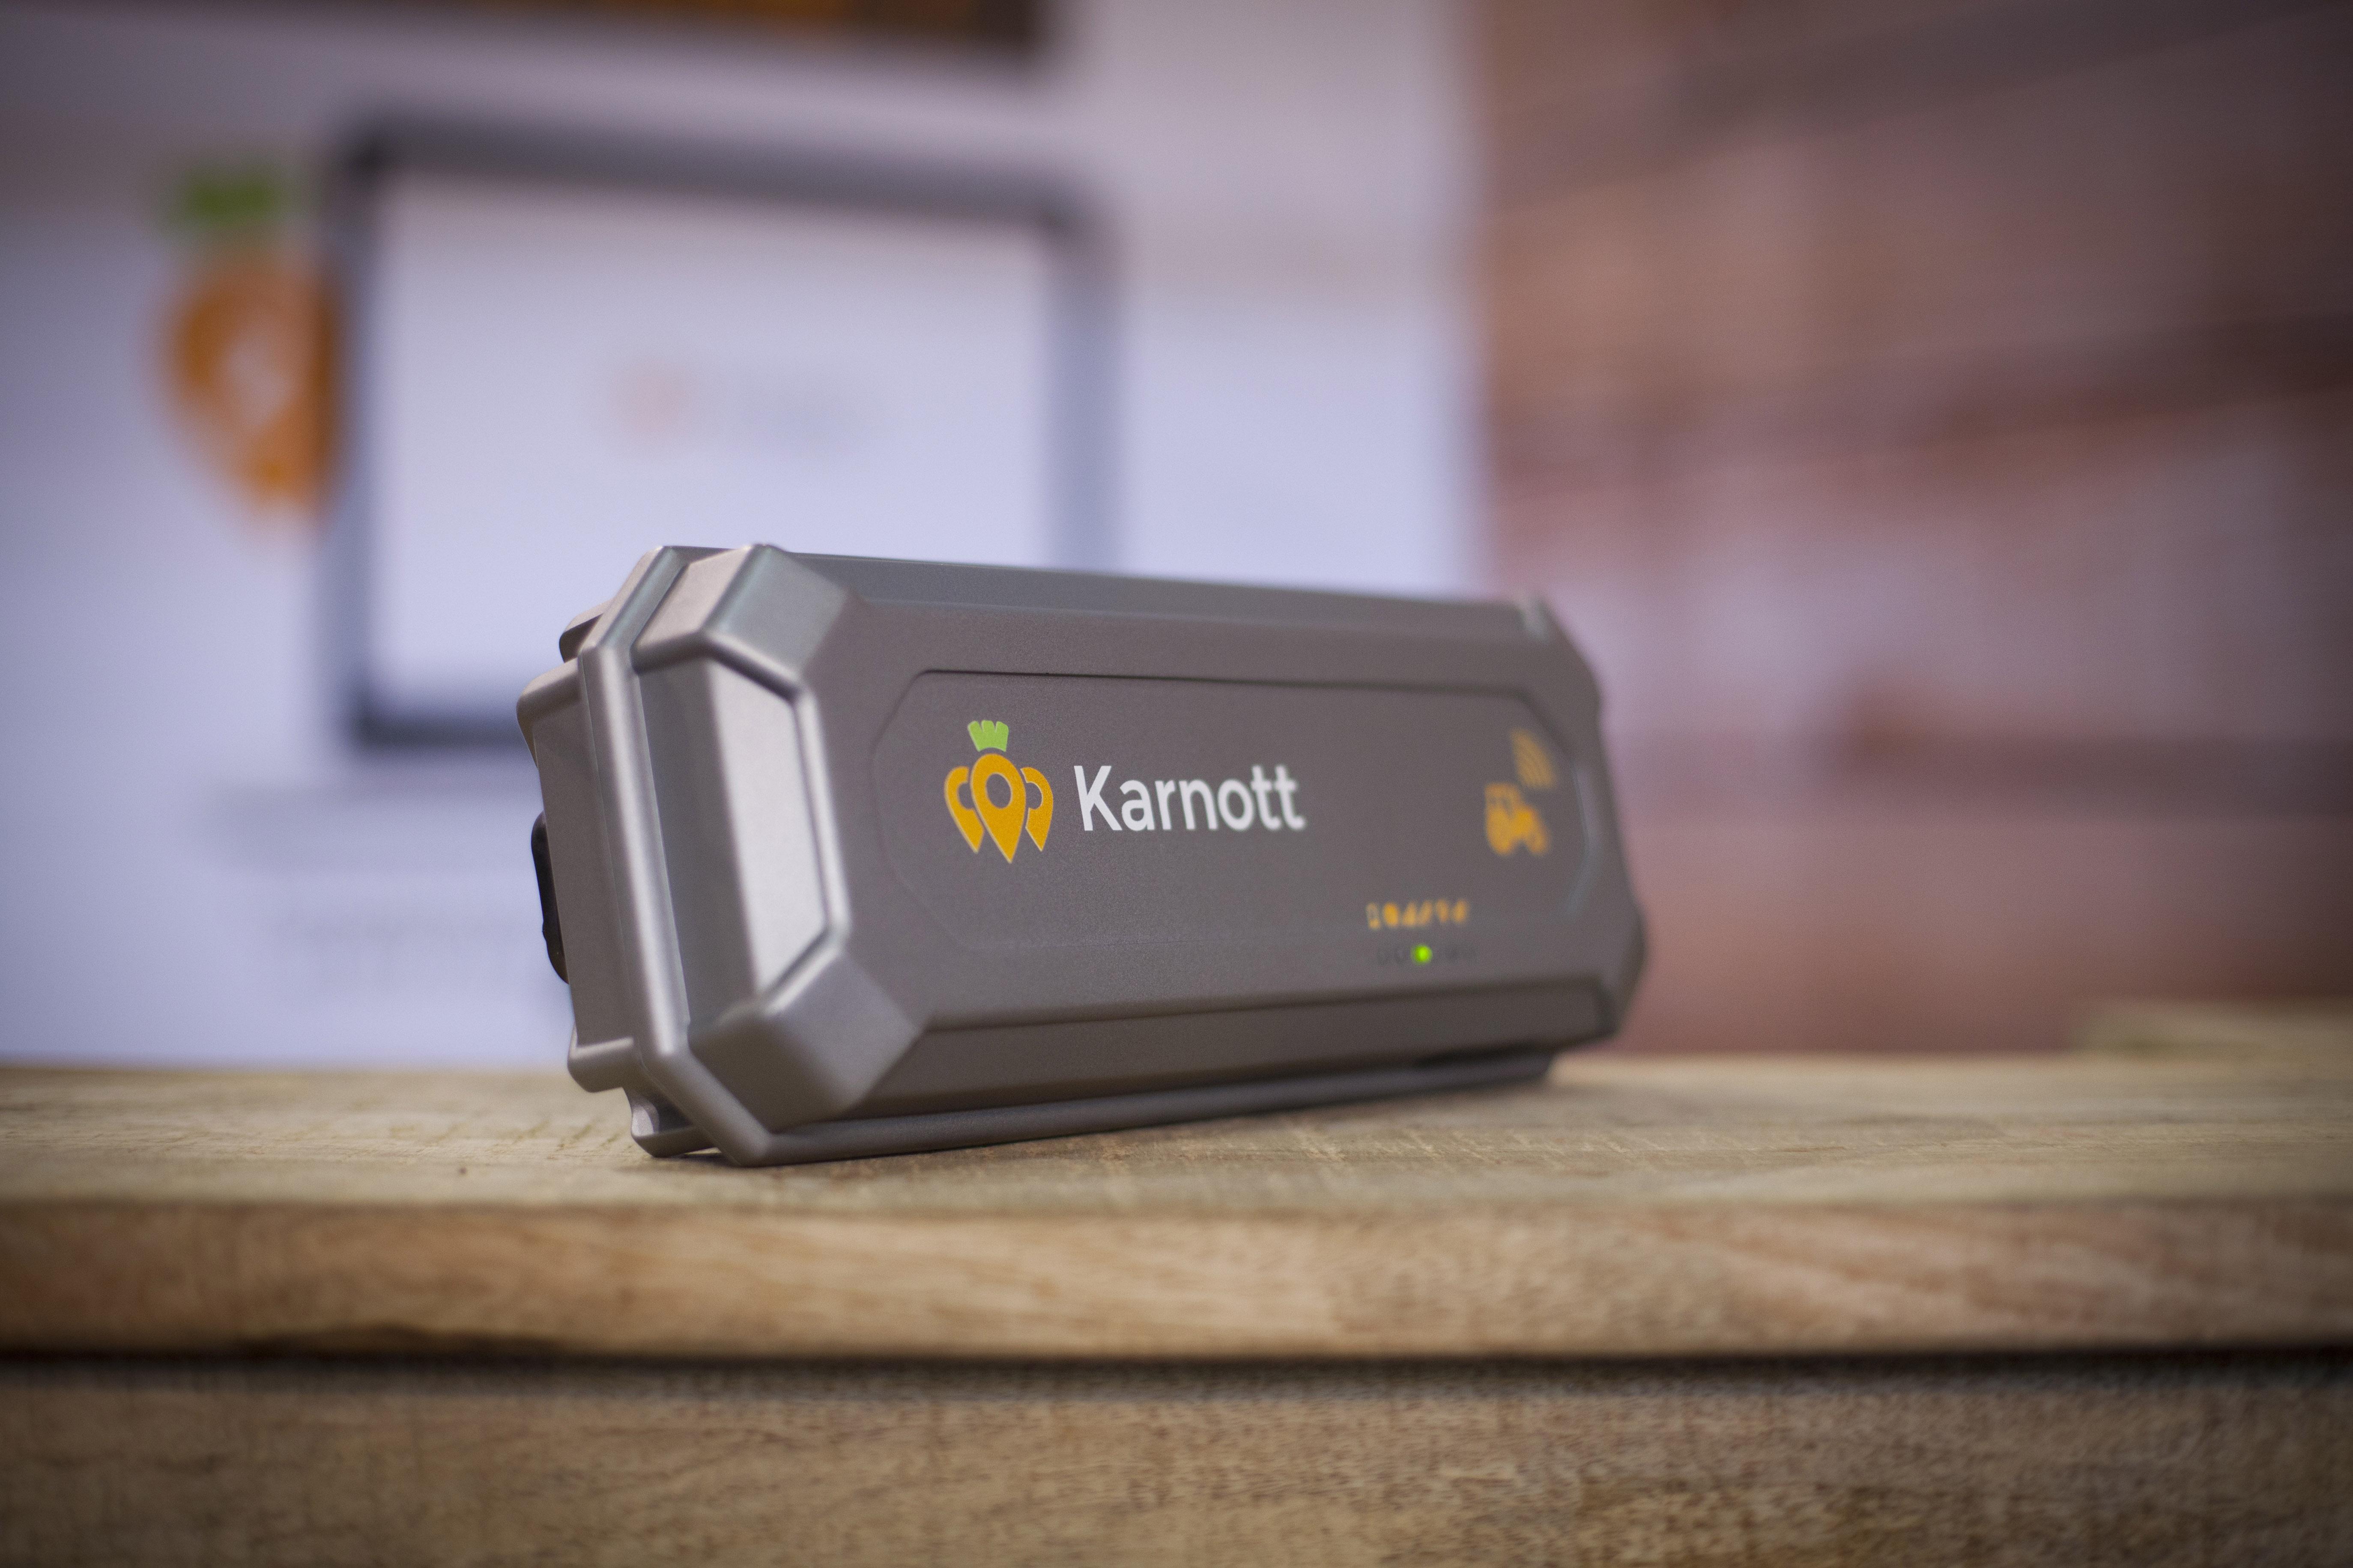 La startup Agtech Karnott lève 2,5 millions d'euros pour accélérer son développement à l'international